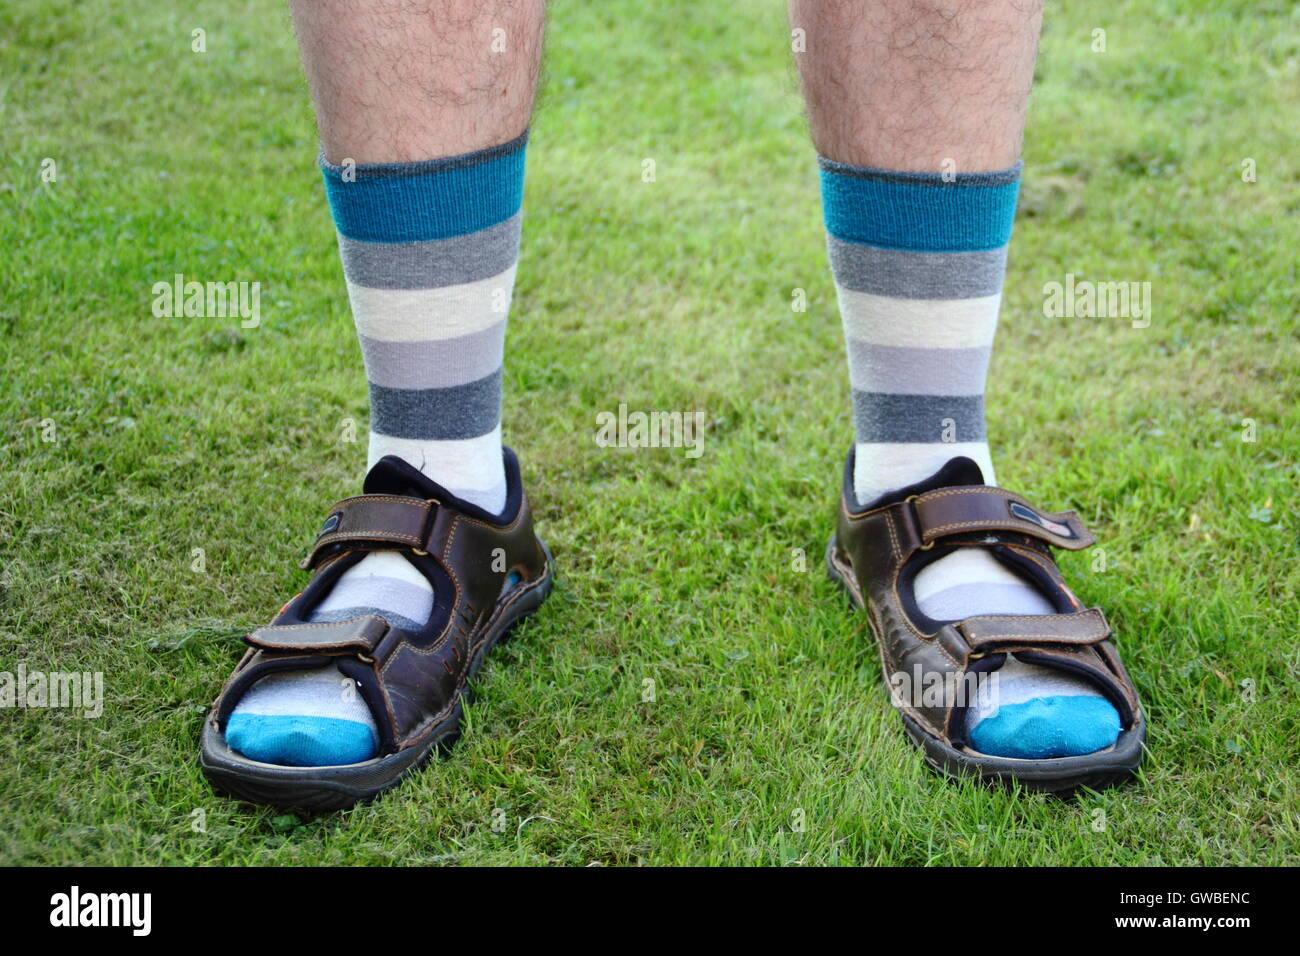 ca5faf6b024 Un homme porte des chaussettes avec des sandales en été dans un jardin  intérieur